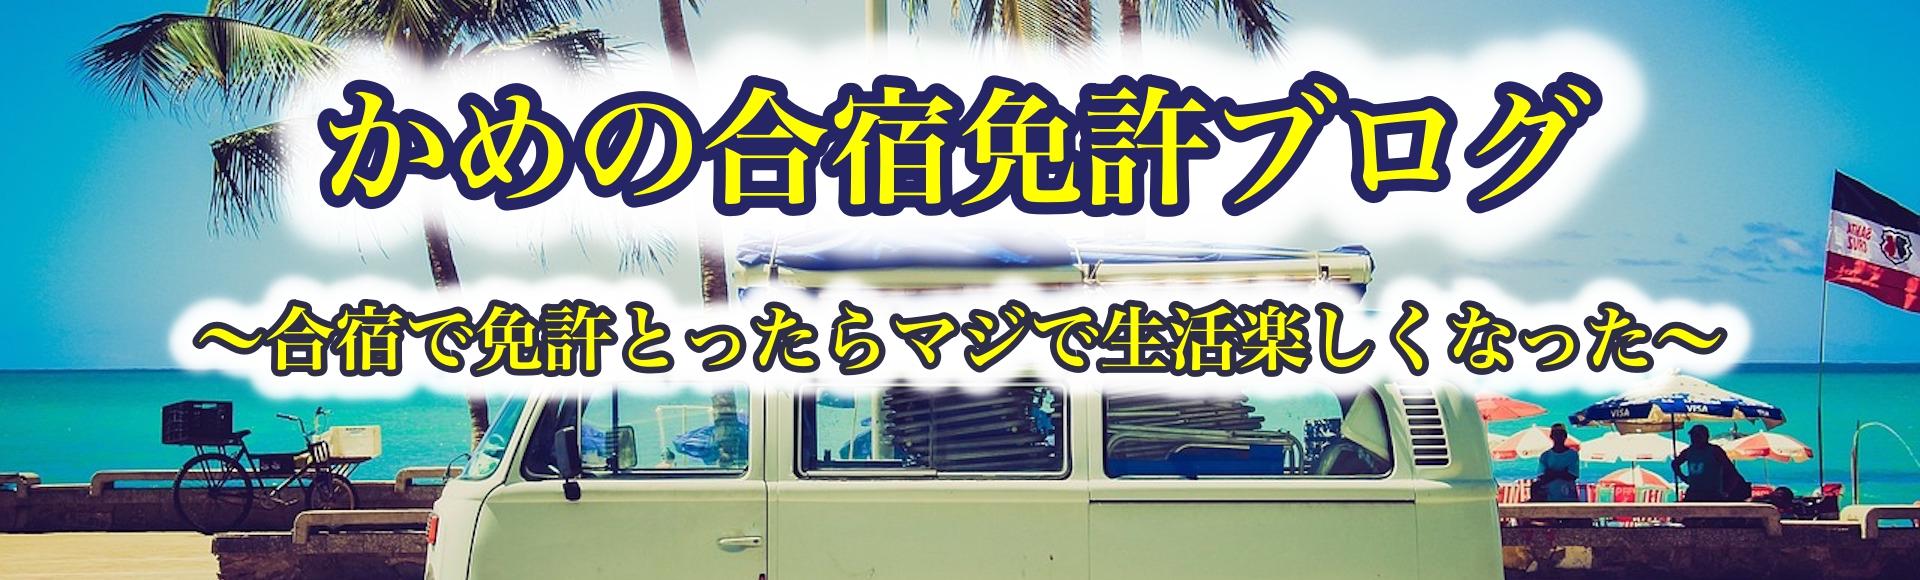 かめの合宿免許ブログ 〜合宿で免許とったらマジで生活楽しくなった〜